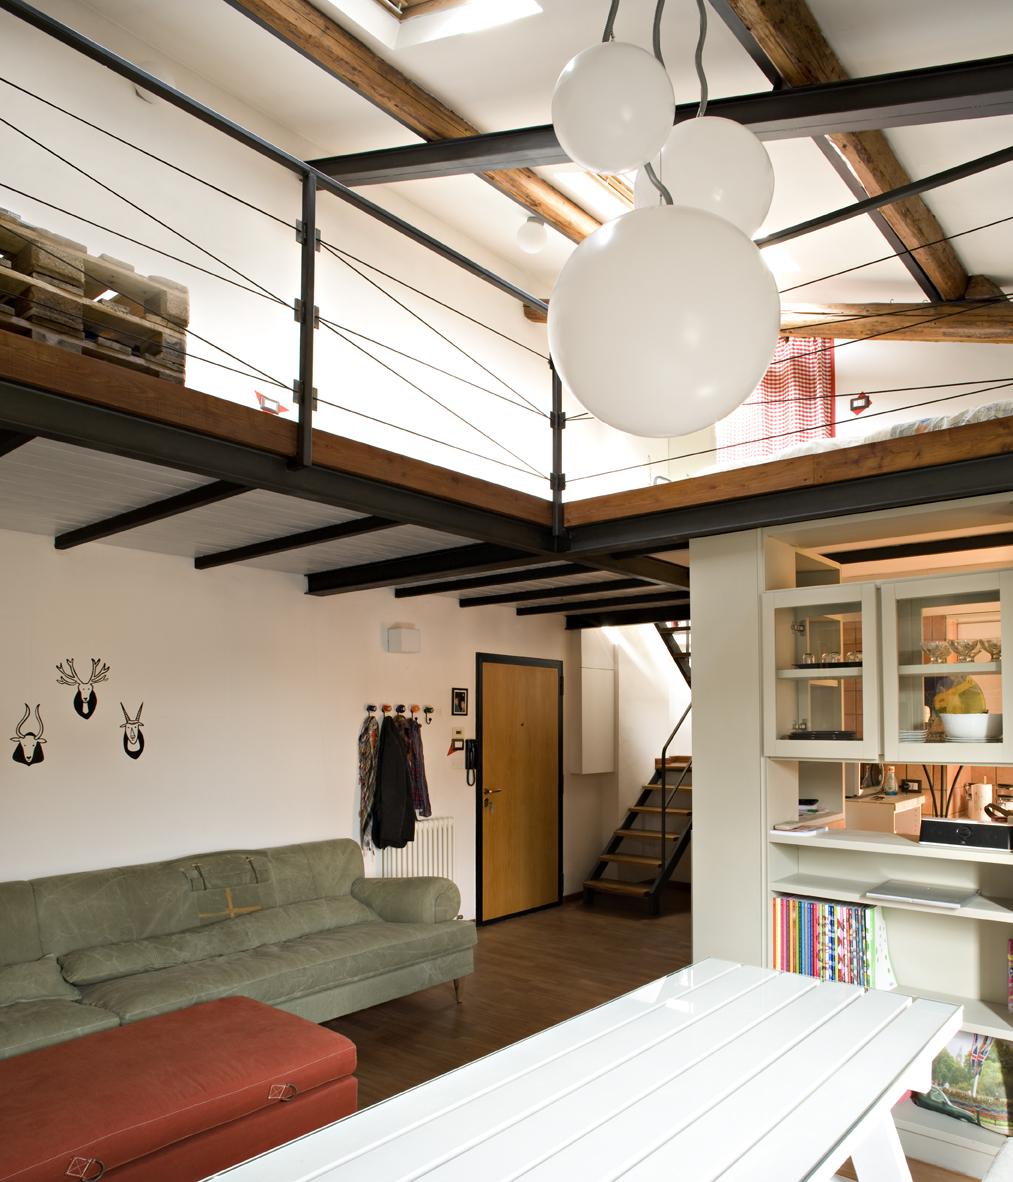 Arredare la mansarda con materiali di riciclo casa luce for Registrare i piani di casa con soppalco